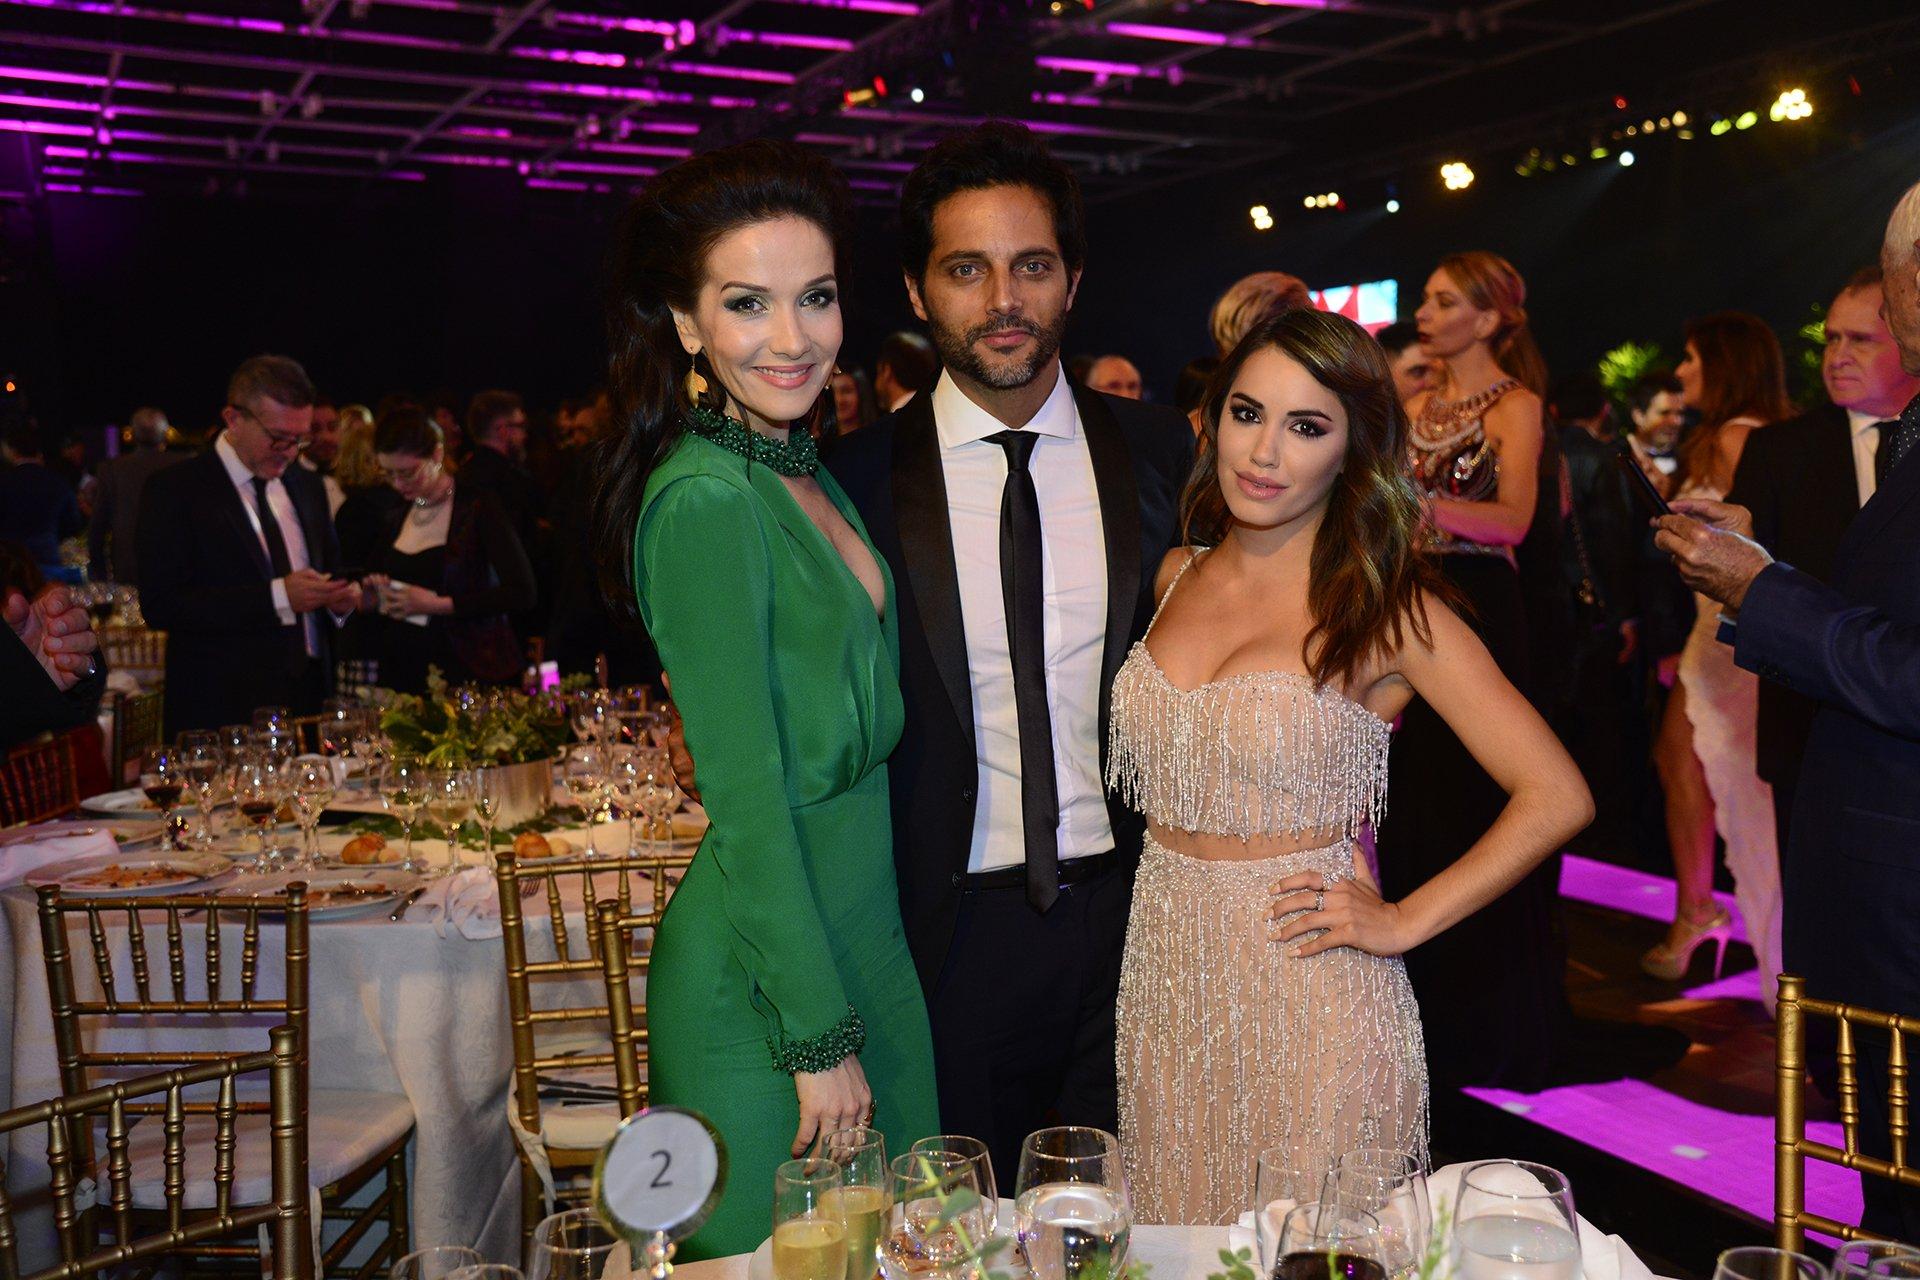 La cantante y actriz Natalia Oreiro, el actor Joaquín Furriel, compañeros de Entre Caníbales, junto a Lali Espósito.